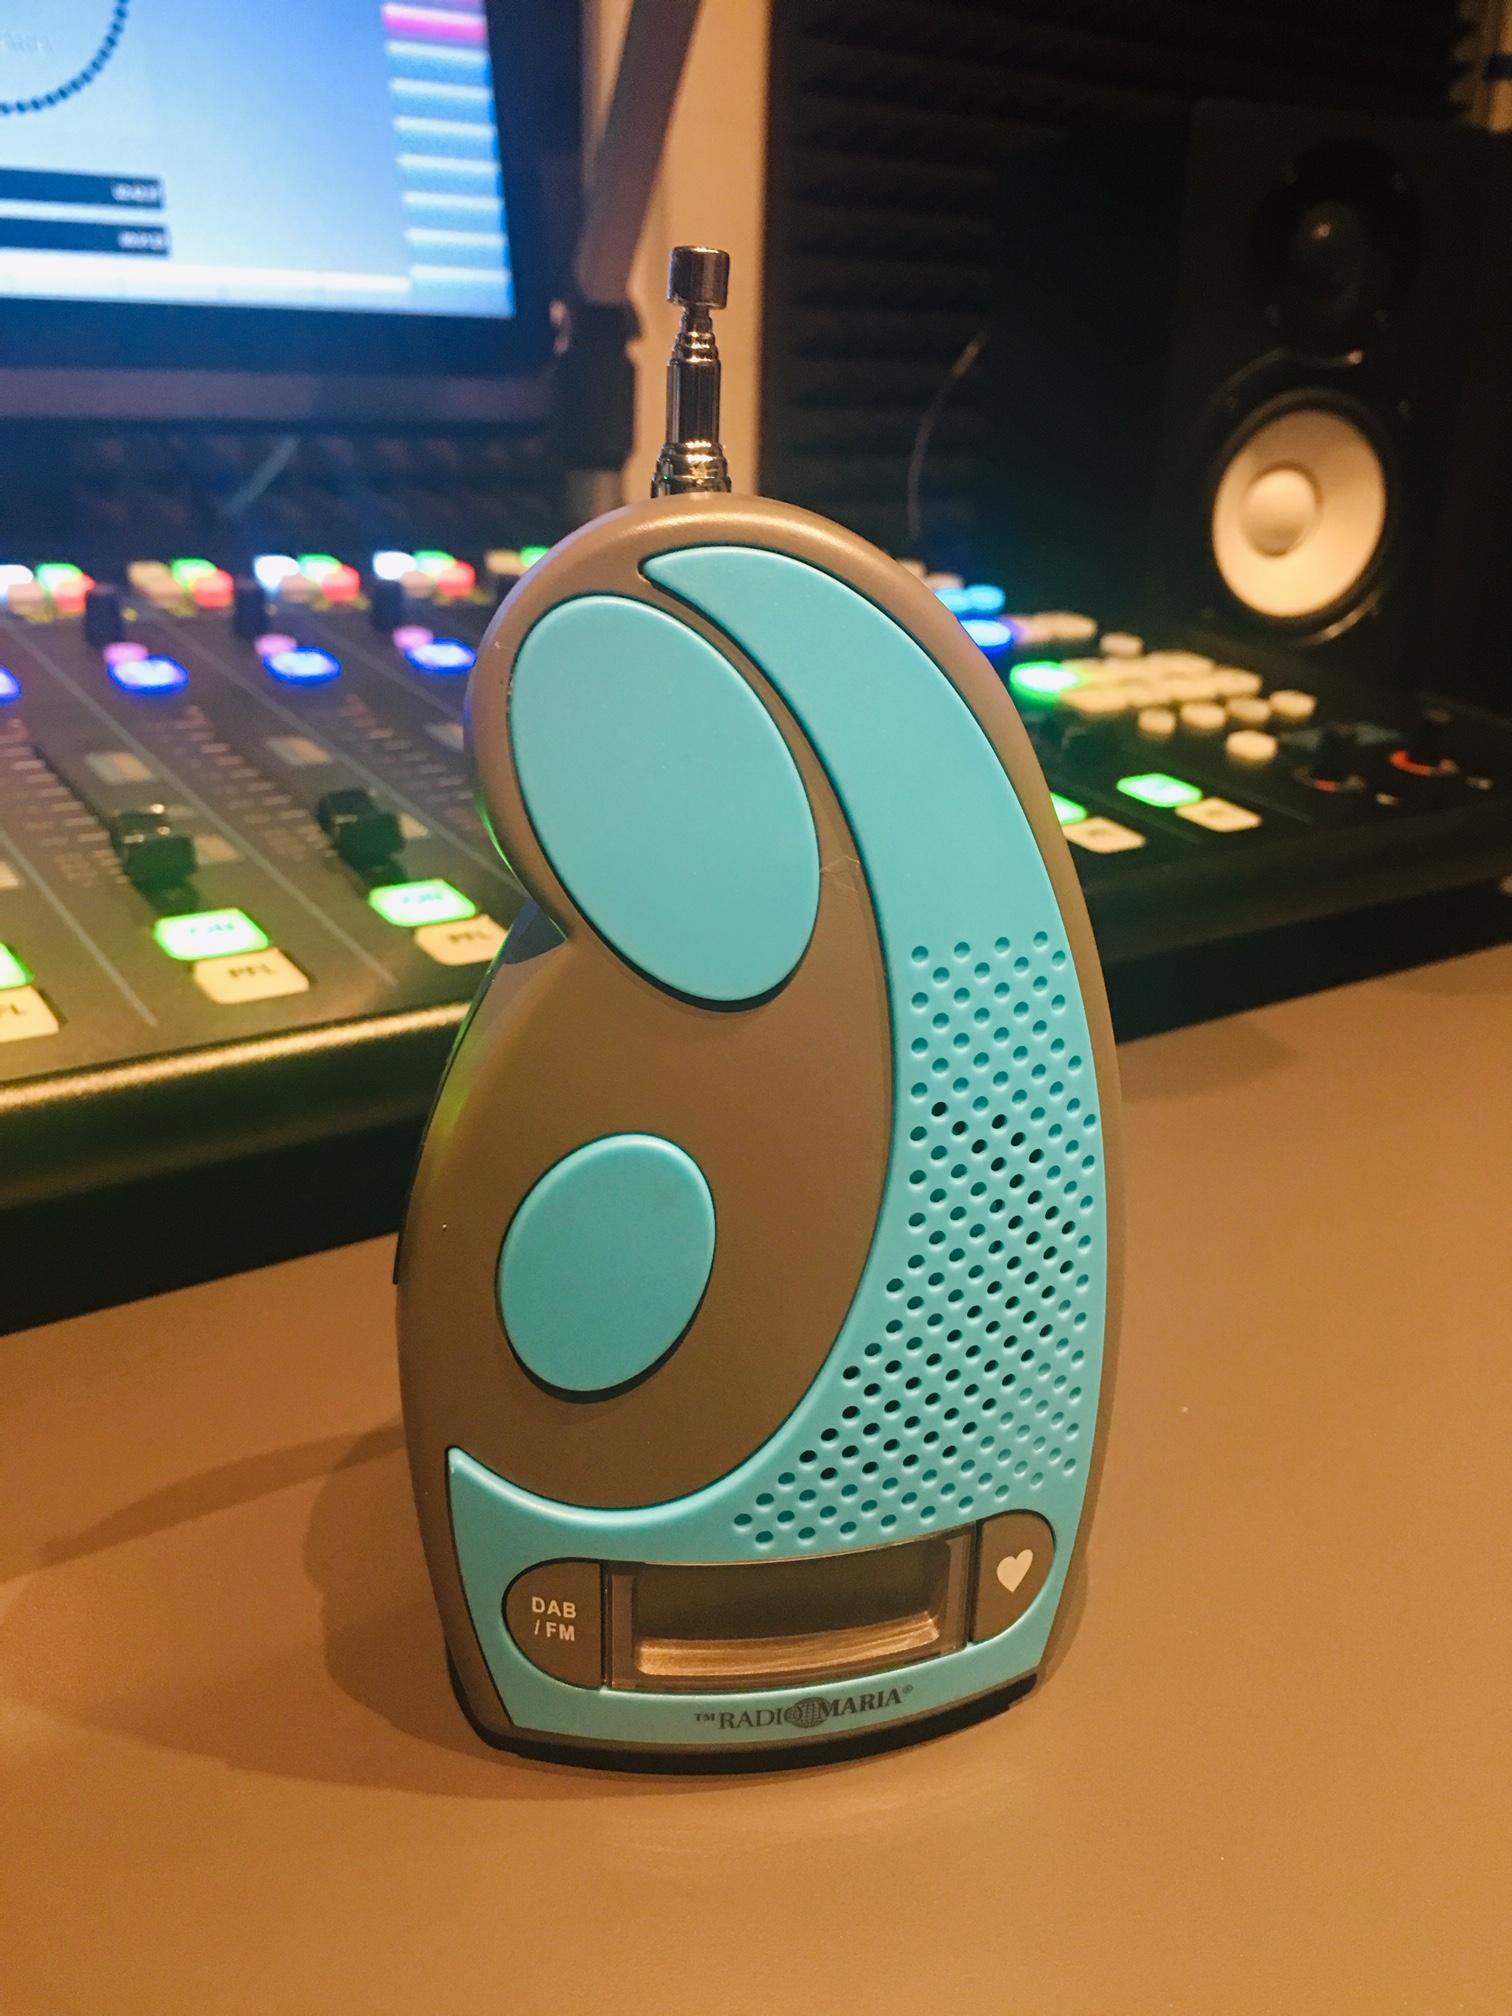 Radio Maria distribue des milliers de récepteurs DAB+